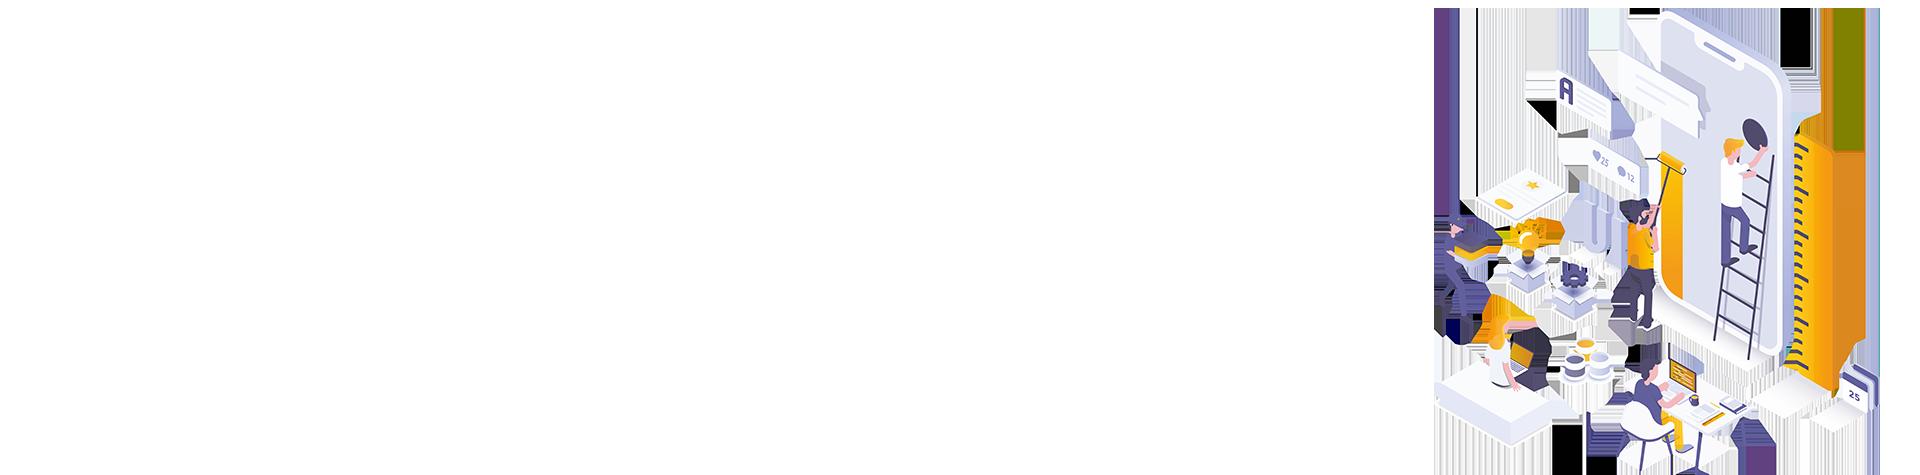 bg v1 - Web Design